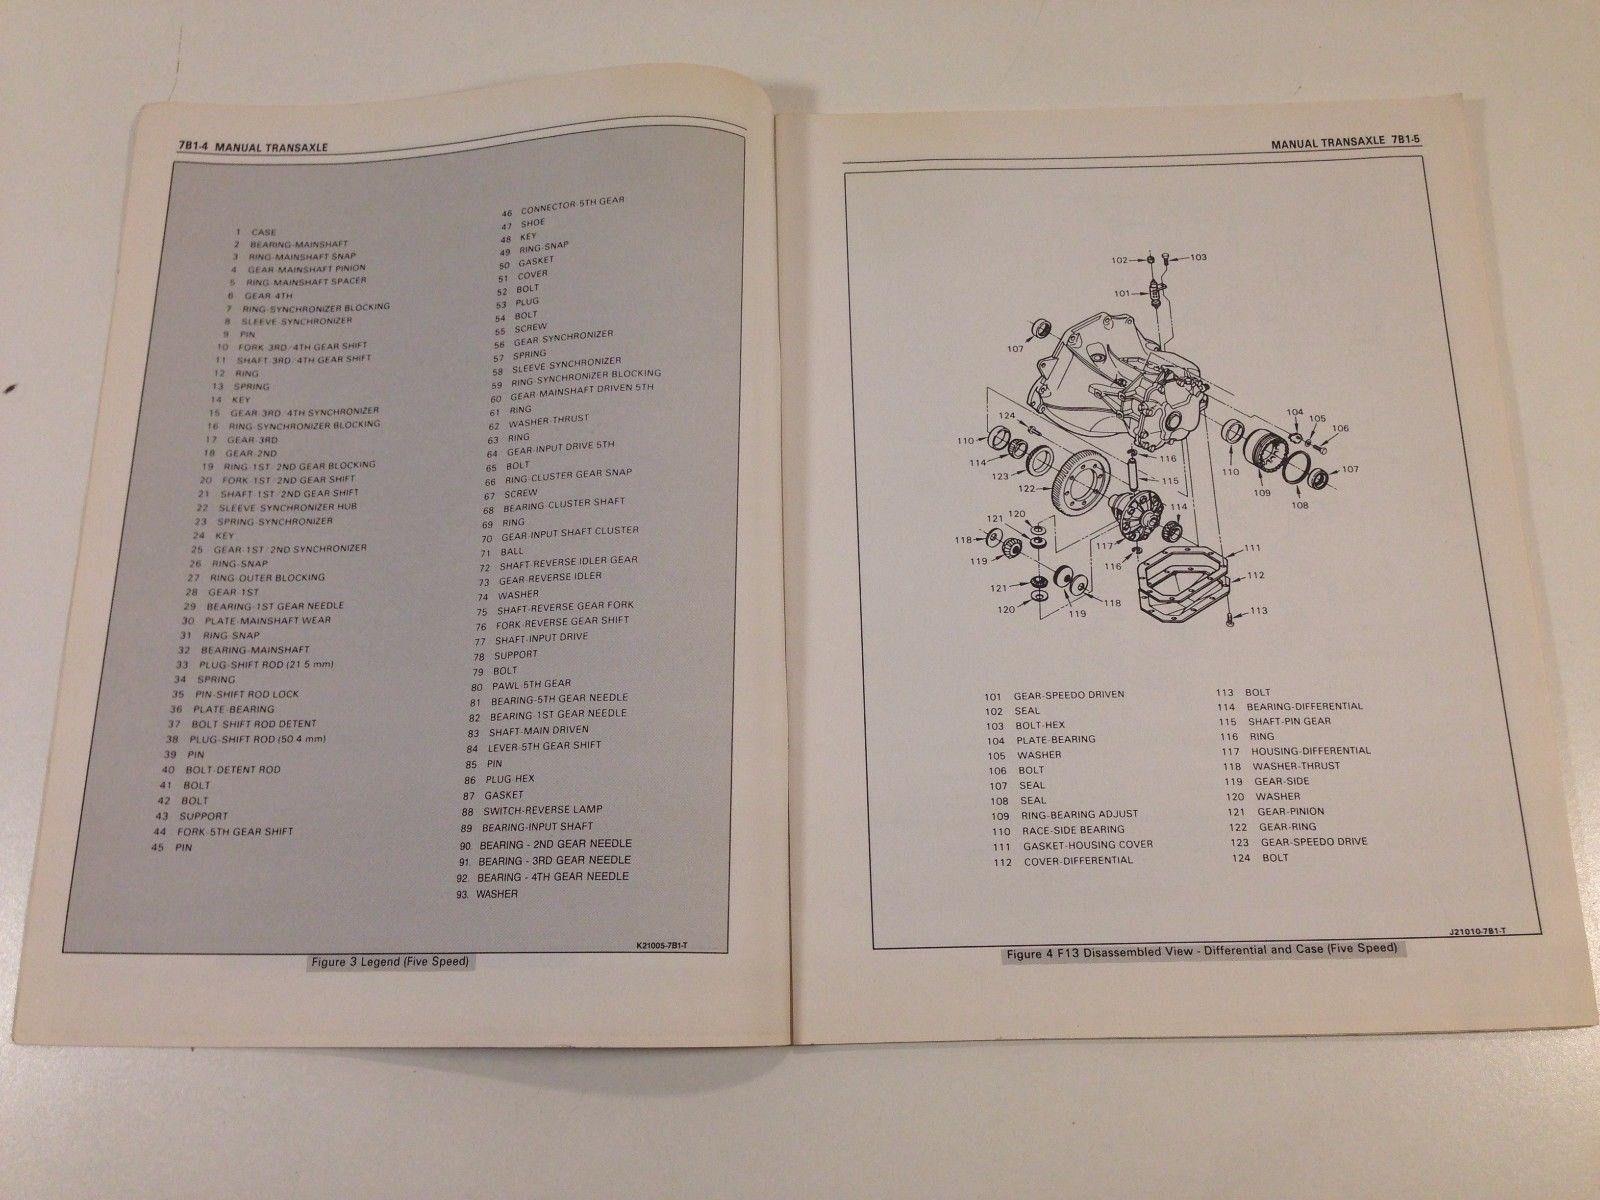 1988 Pontiac LeMans Shop Service Manual Supplement S-8810S-T F16 Four & Five Sp